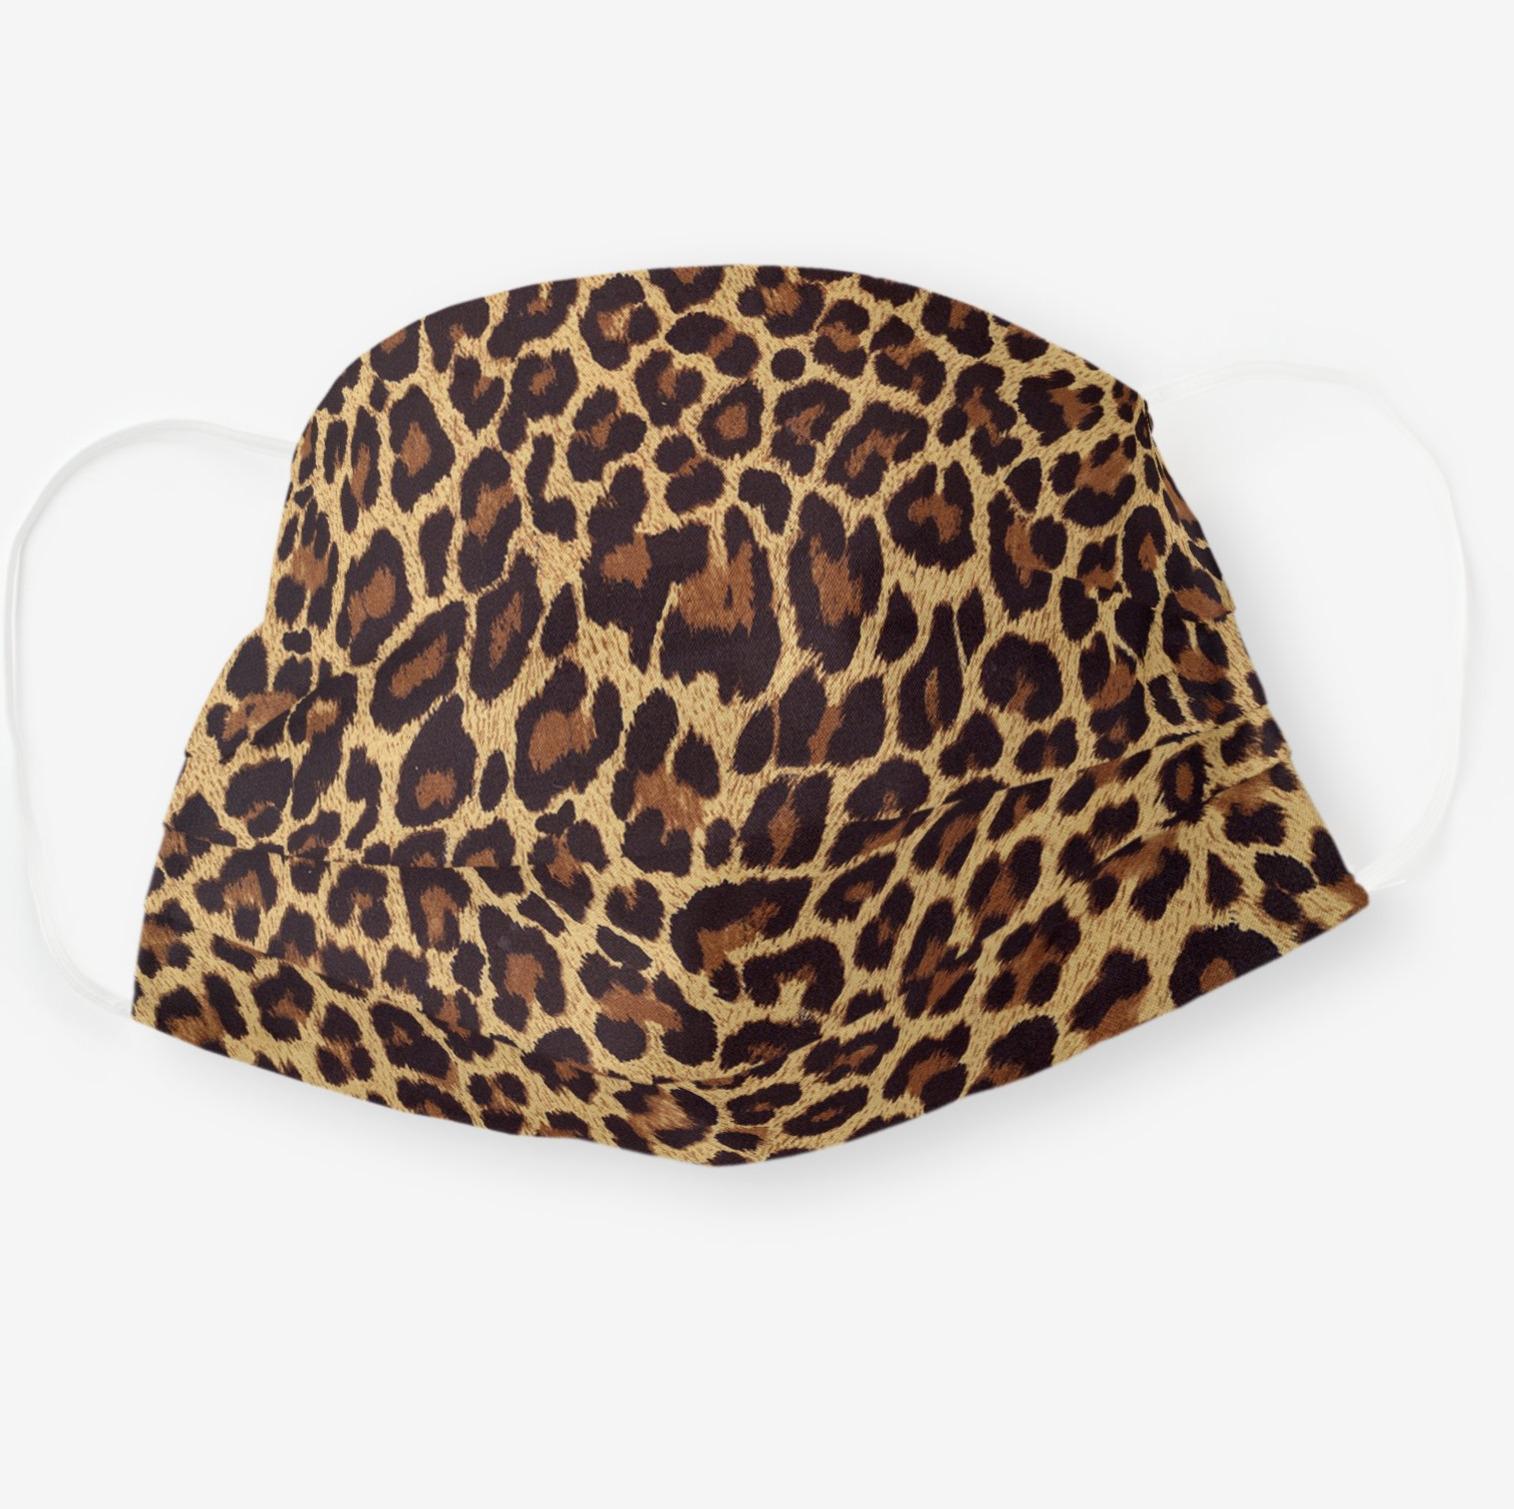 Exotic Faux Leopard Print